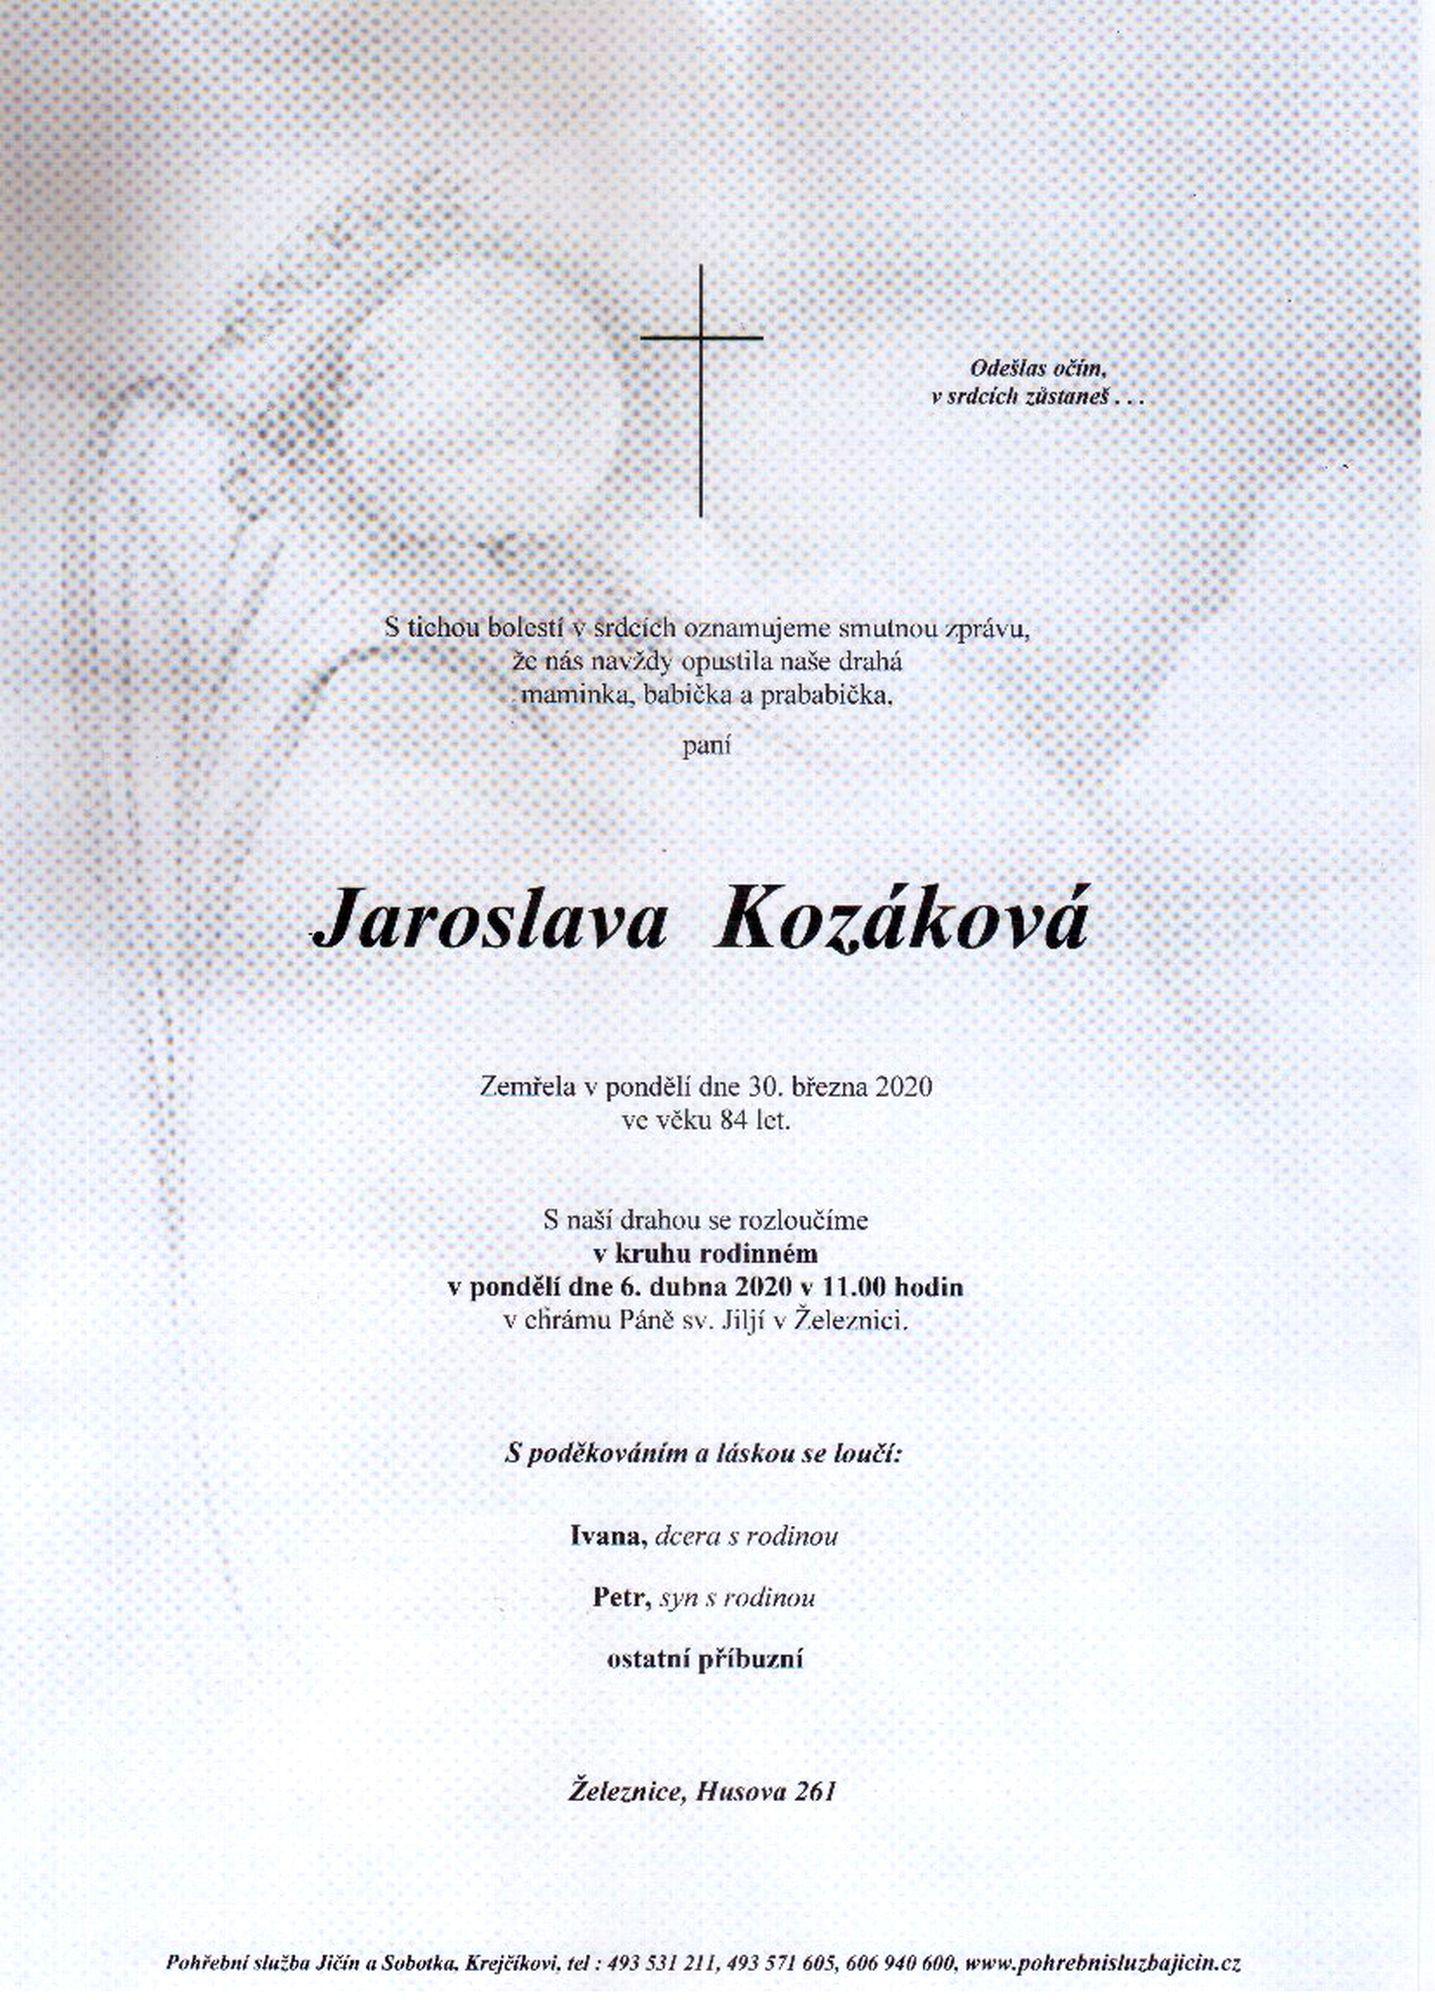 Jaroslava Kozáková